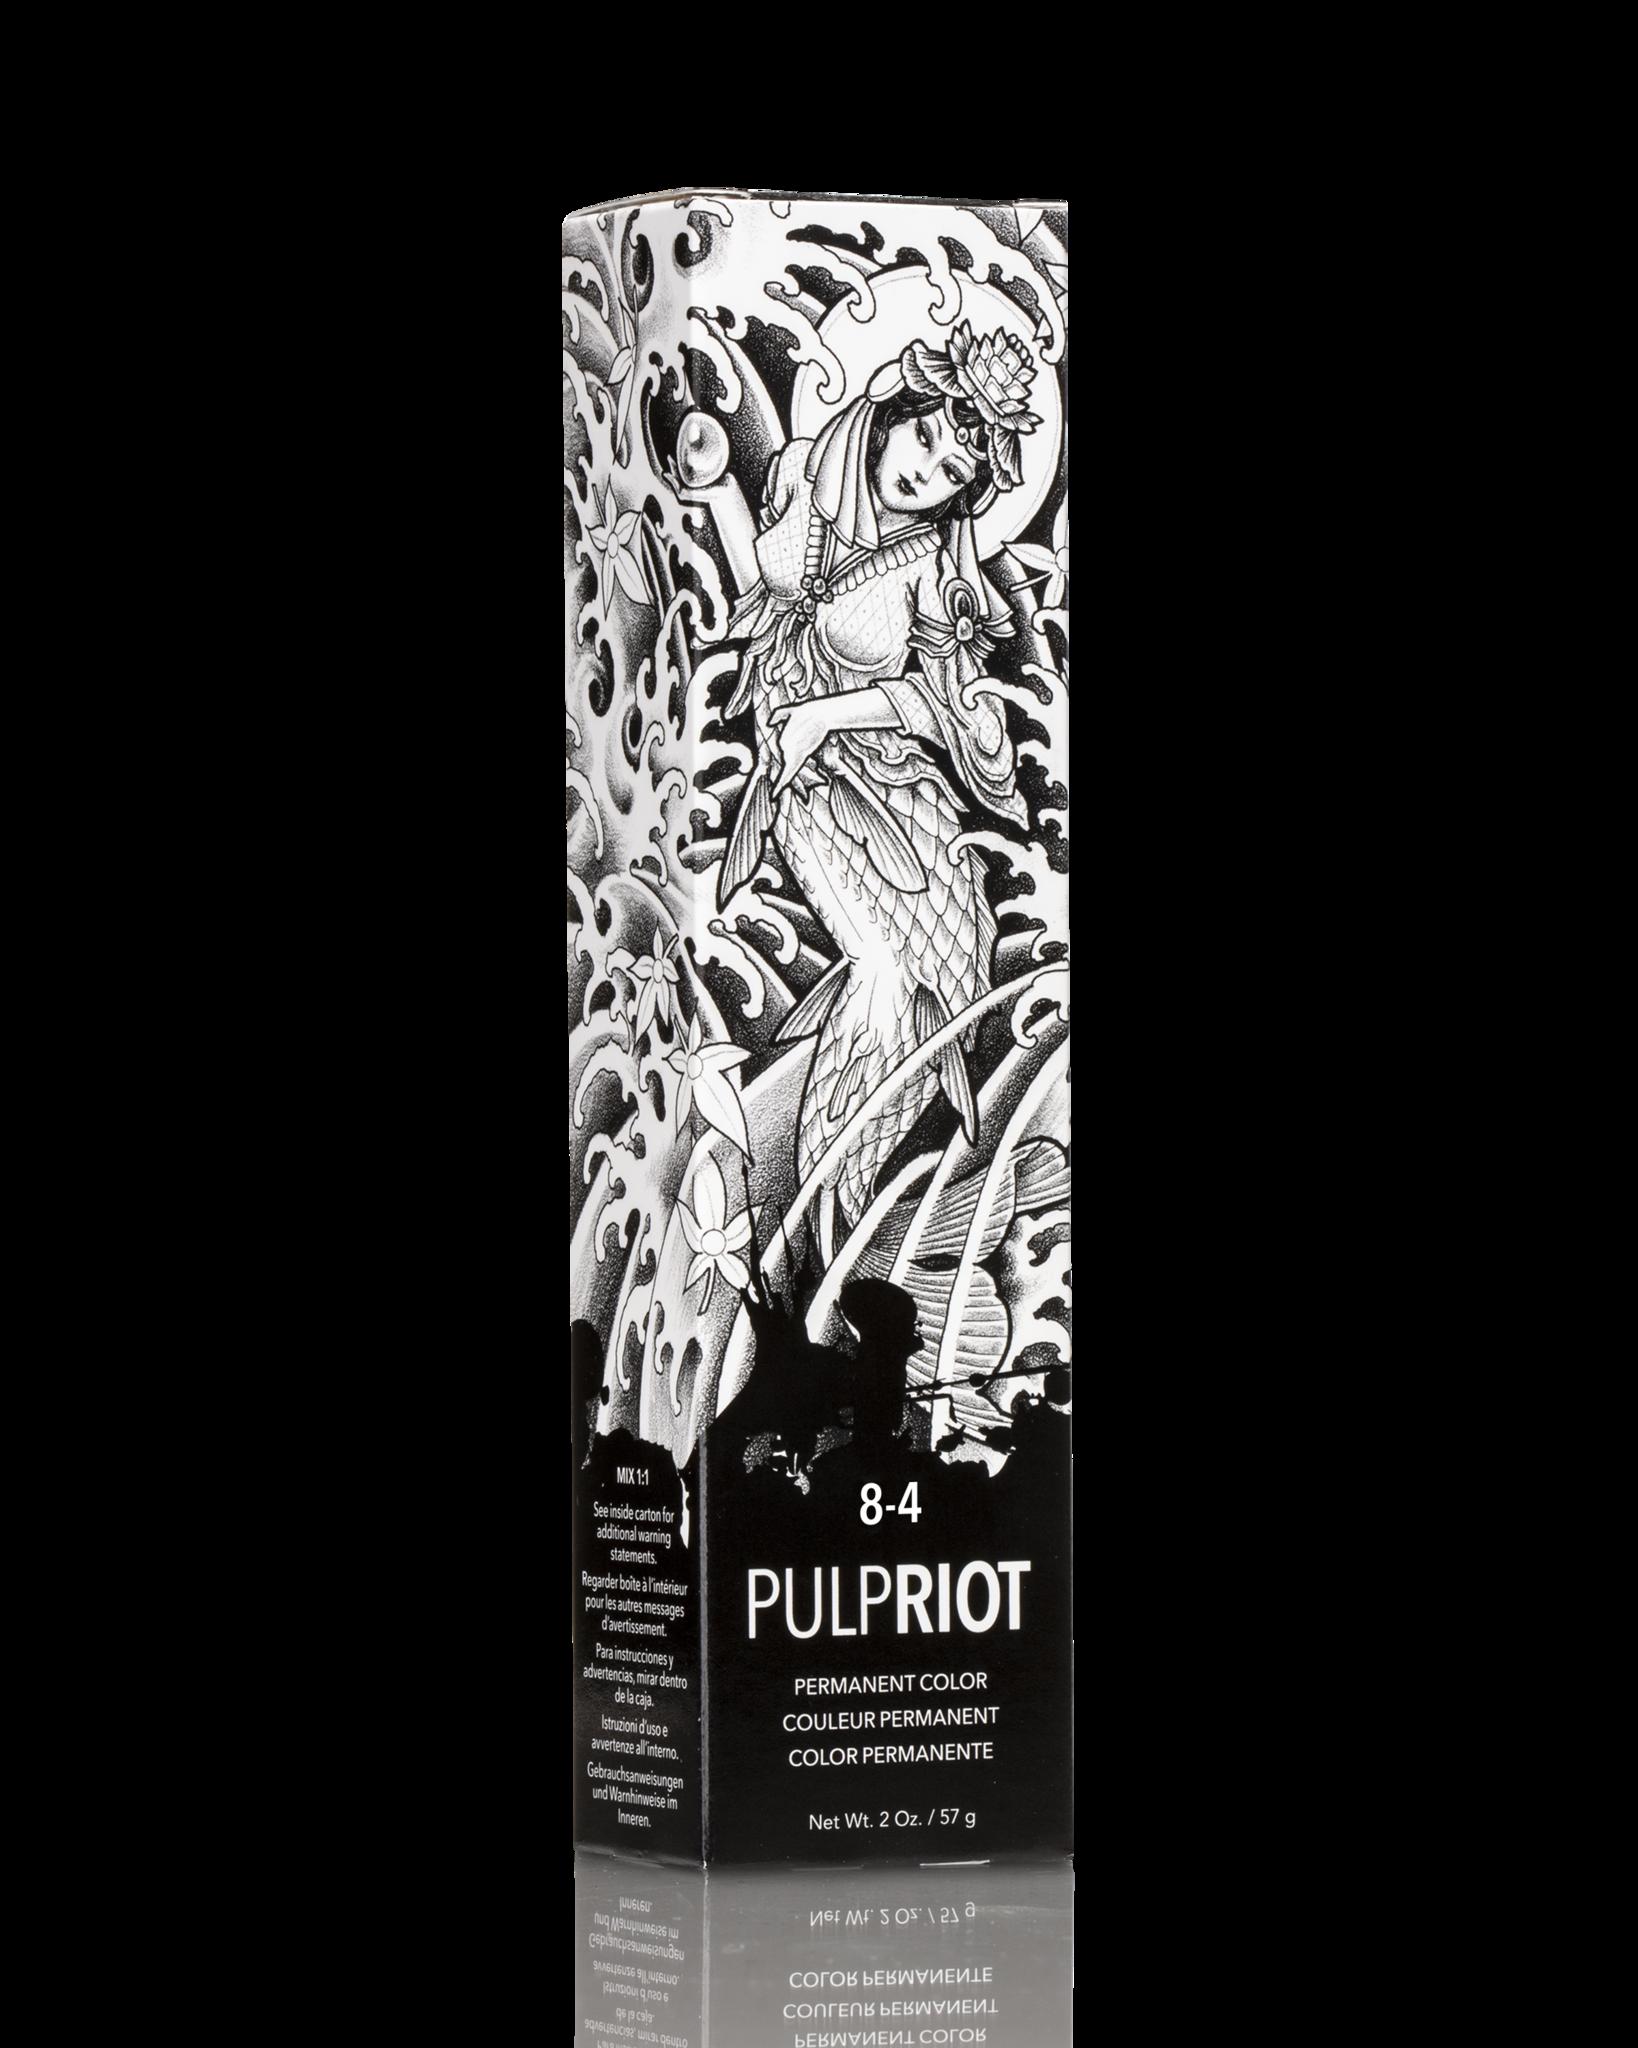 Pulp Riot PULP RIOT FACTION 8 CUIVRÉ/COPPER 8-4